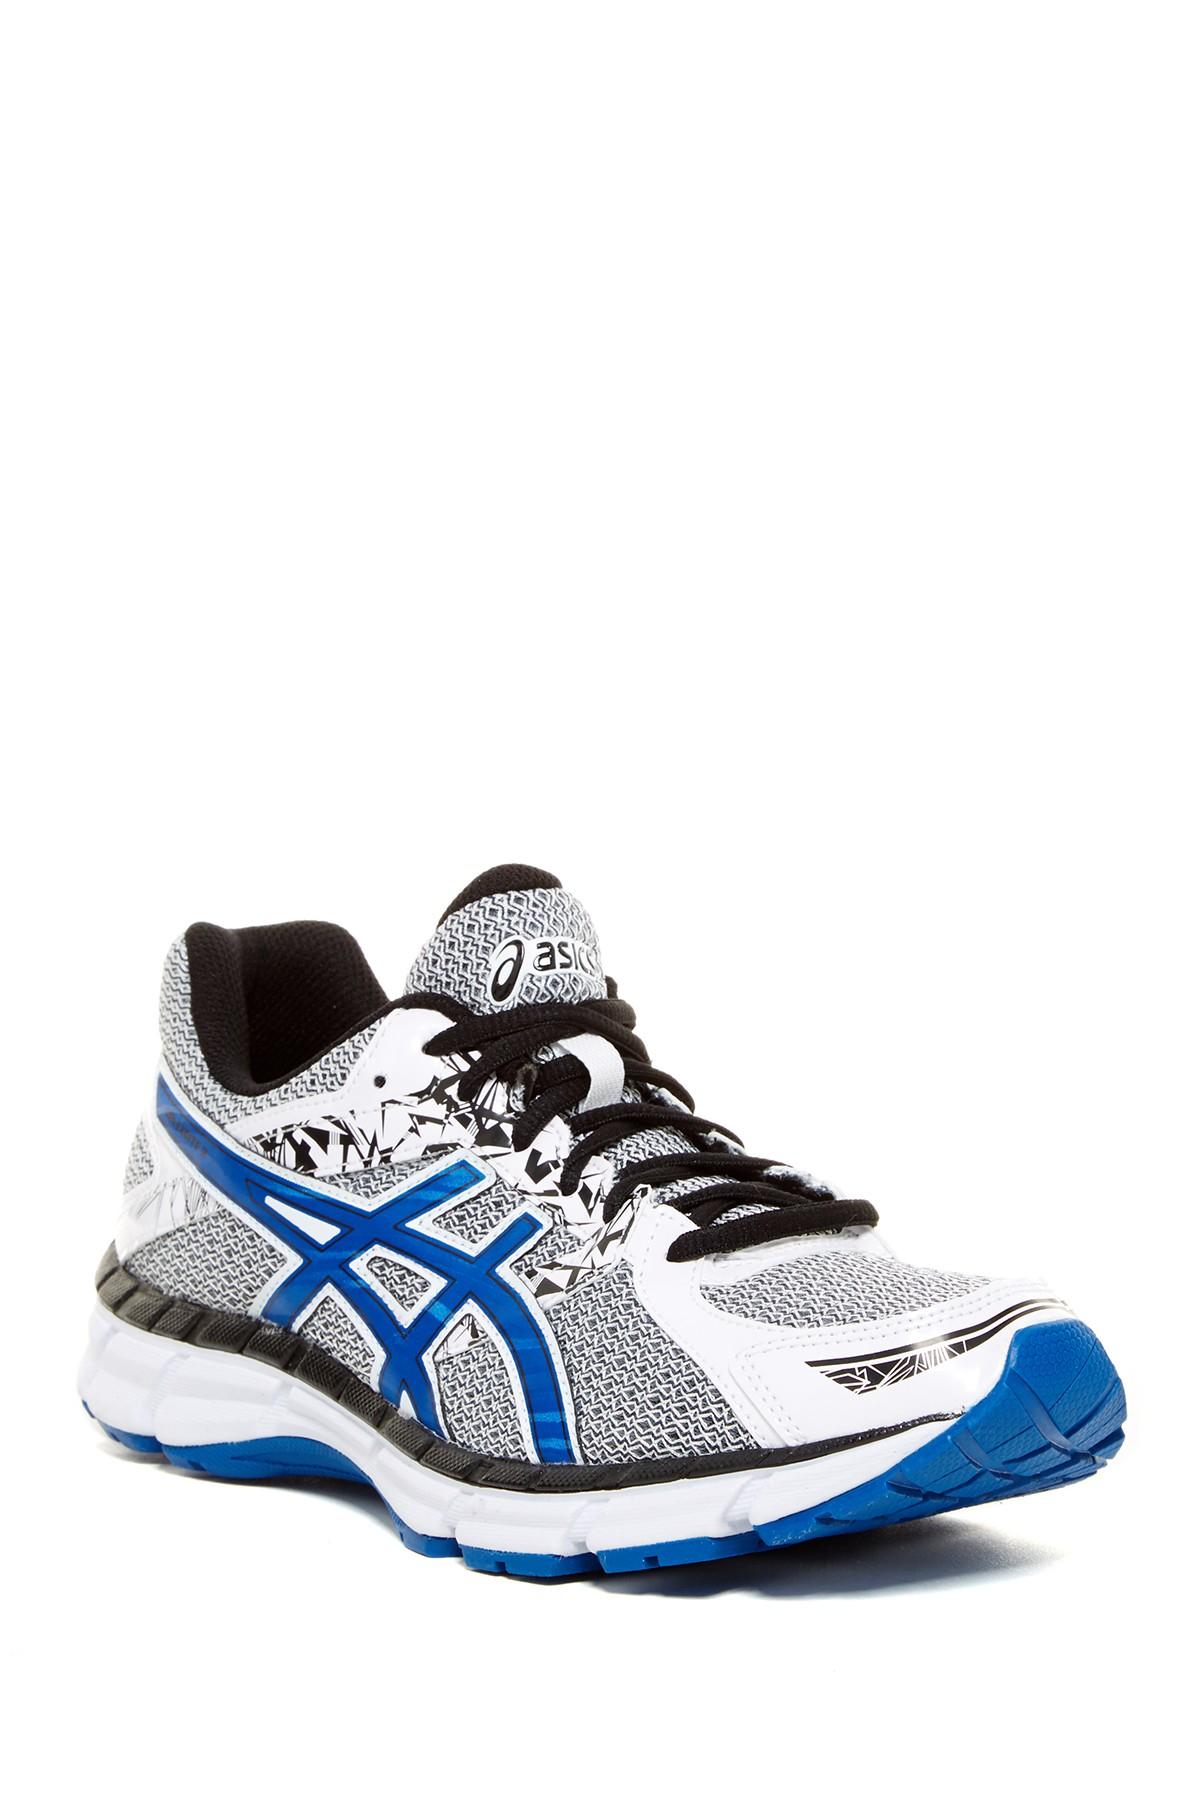 Chaussure de course Lyst Chaussure Asics 3 Gel excite excite 3 en bleu pour homme f2d2057 - vimax.website